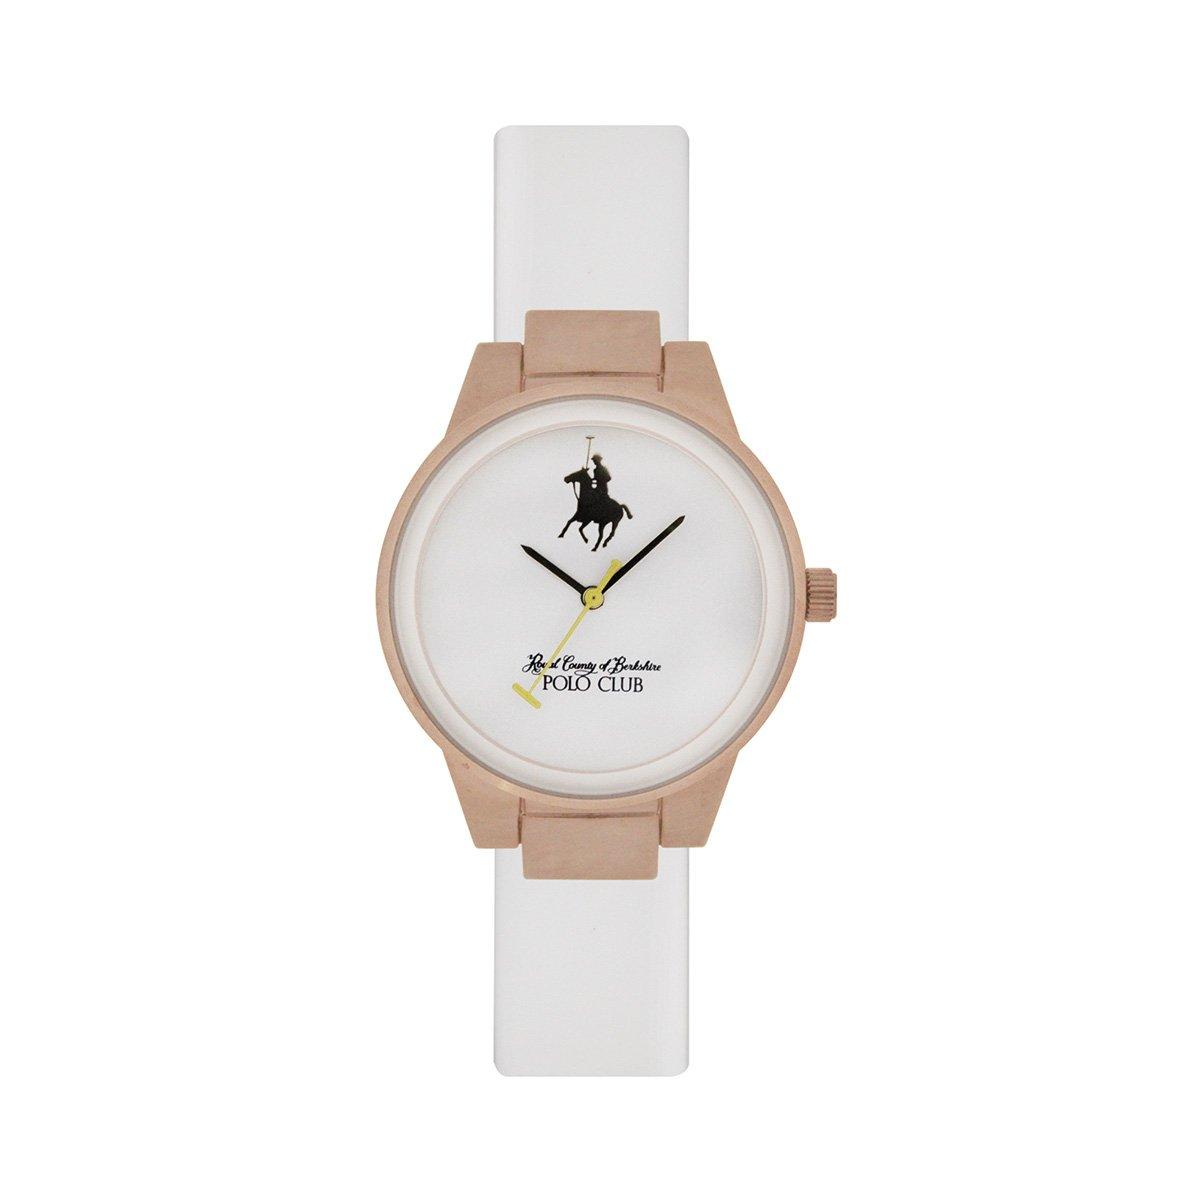 d34c25469b63 Reloj Dama Royal Polo Club APCC06BLRG